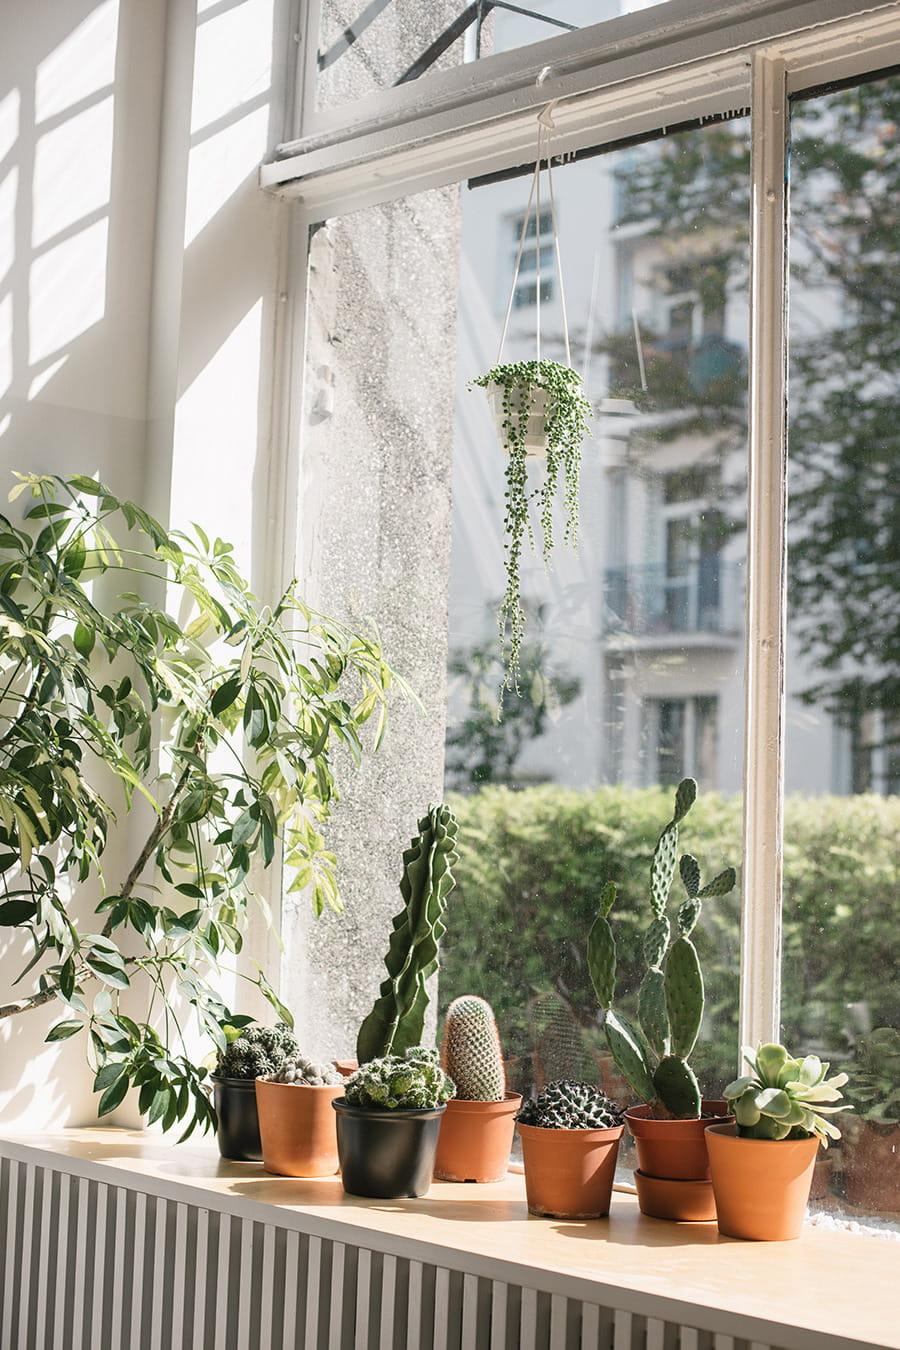 комнатные растения в интерьере фото 17